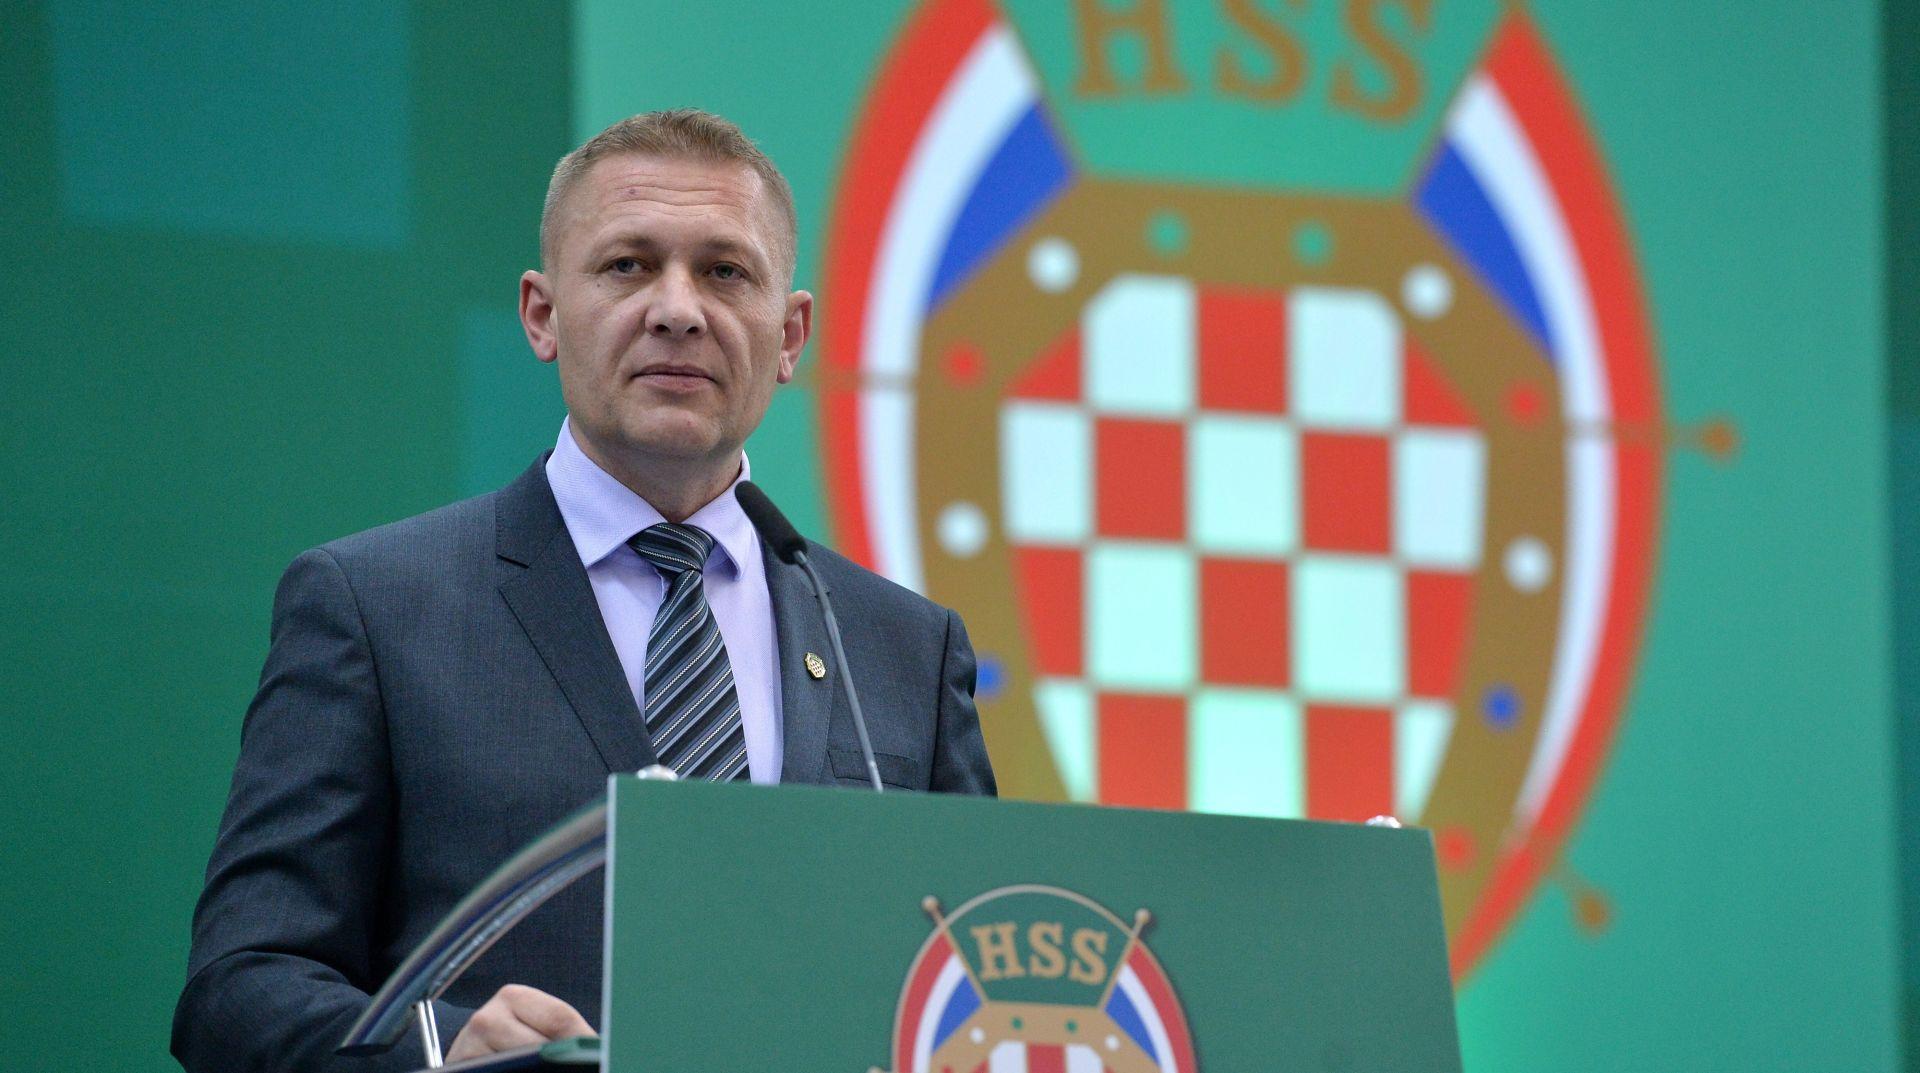 NITI JEDAN GLAS PROTIV Krešo Beljak ponovno izabran za predsjednika HSS-a